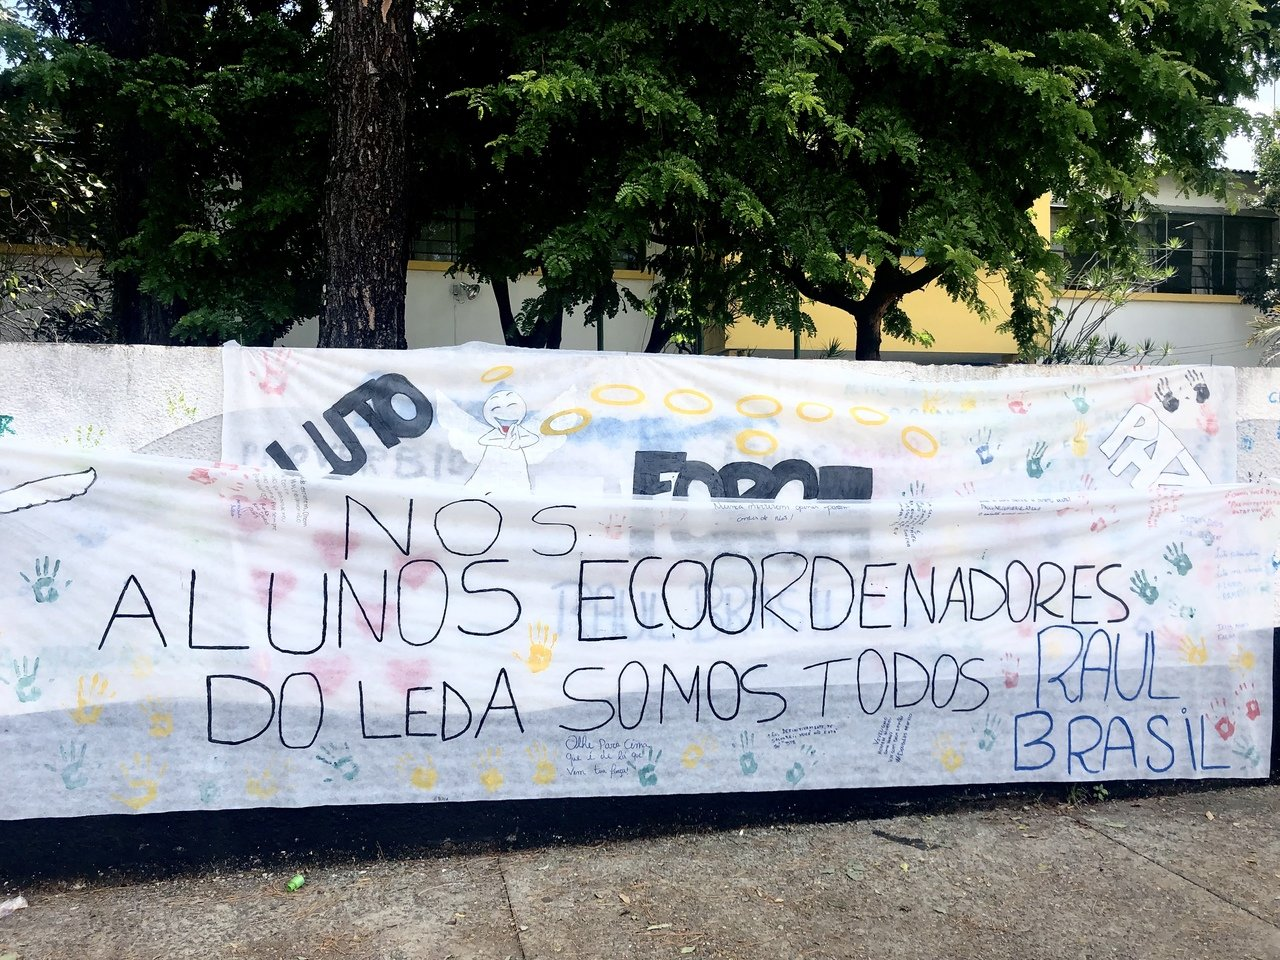 """Faixa pregada em muro com a frase """"nós, alunos e coordenadores do Leda somos todos Raul Brasil"""""""